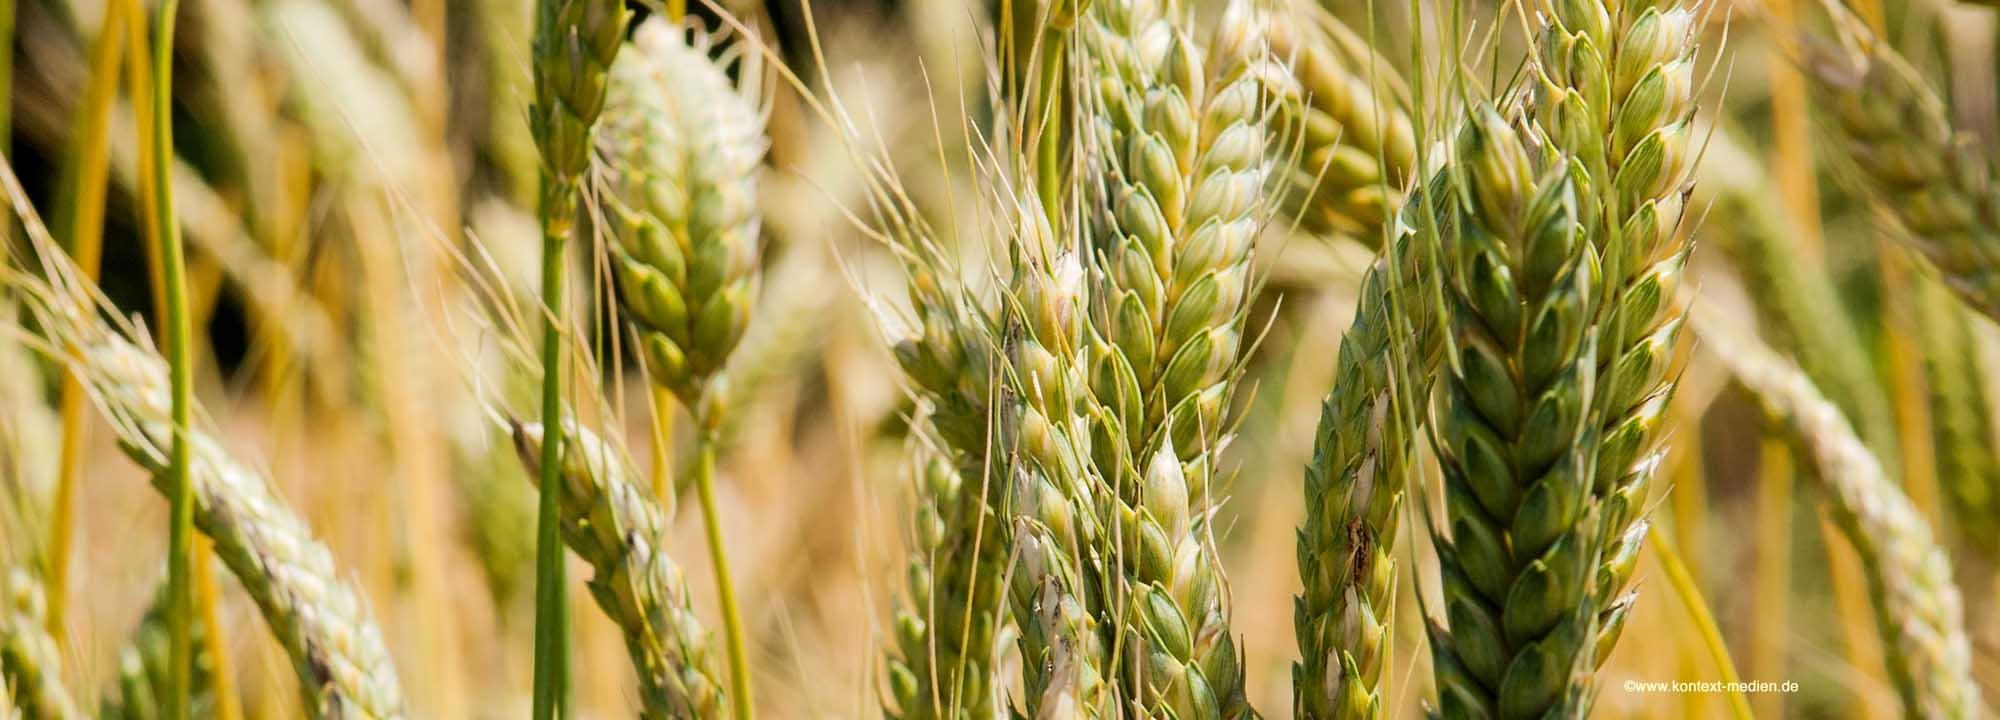 AC-Umwelttechnik – Effektive Mikroorganismen in der Landwirtschaft